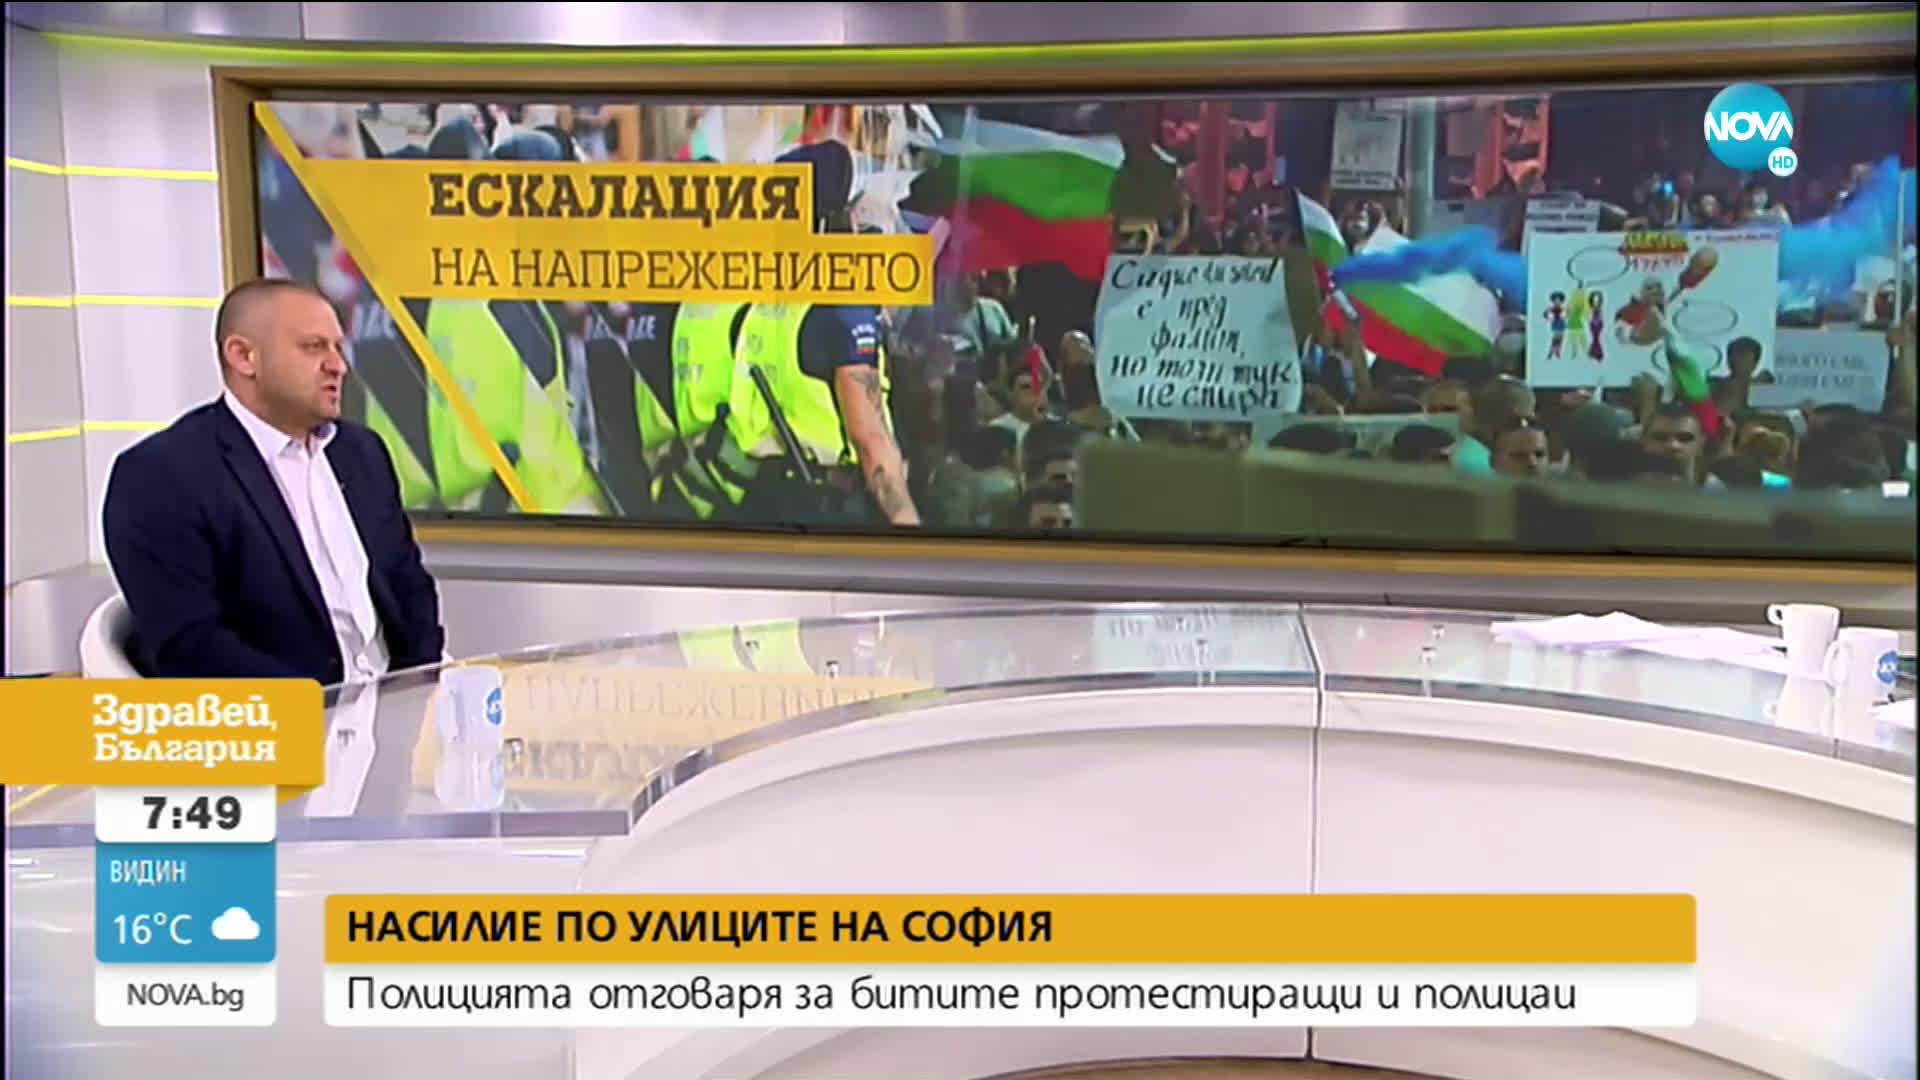 Шефът на СДВР: От началото на протестите има 9 ранени полицаи